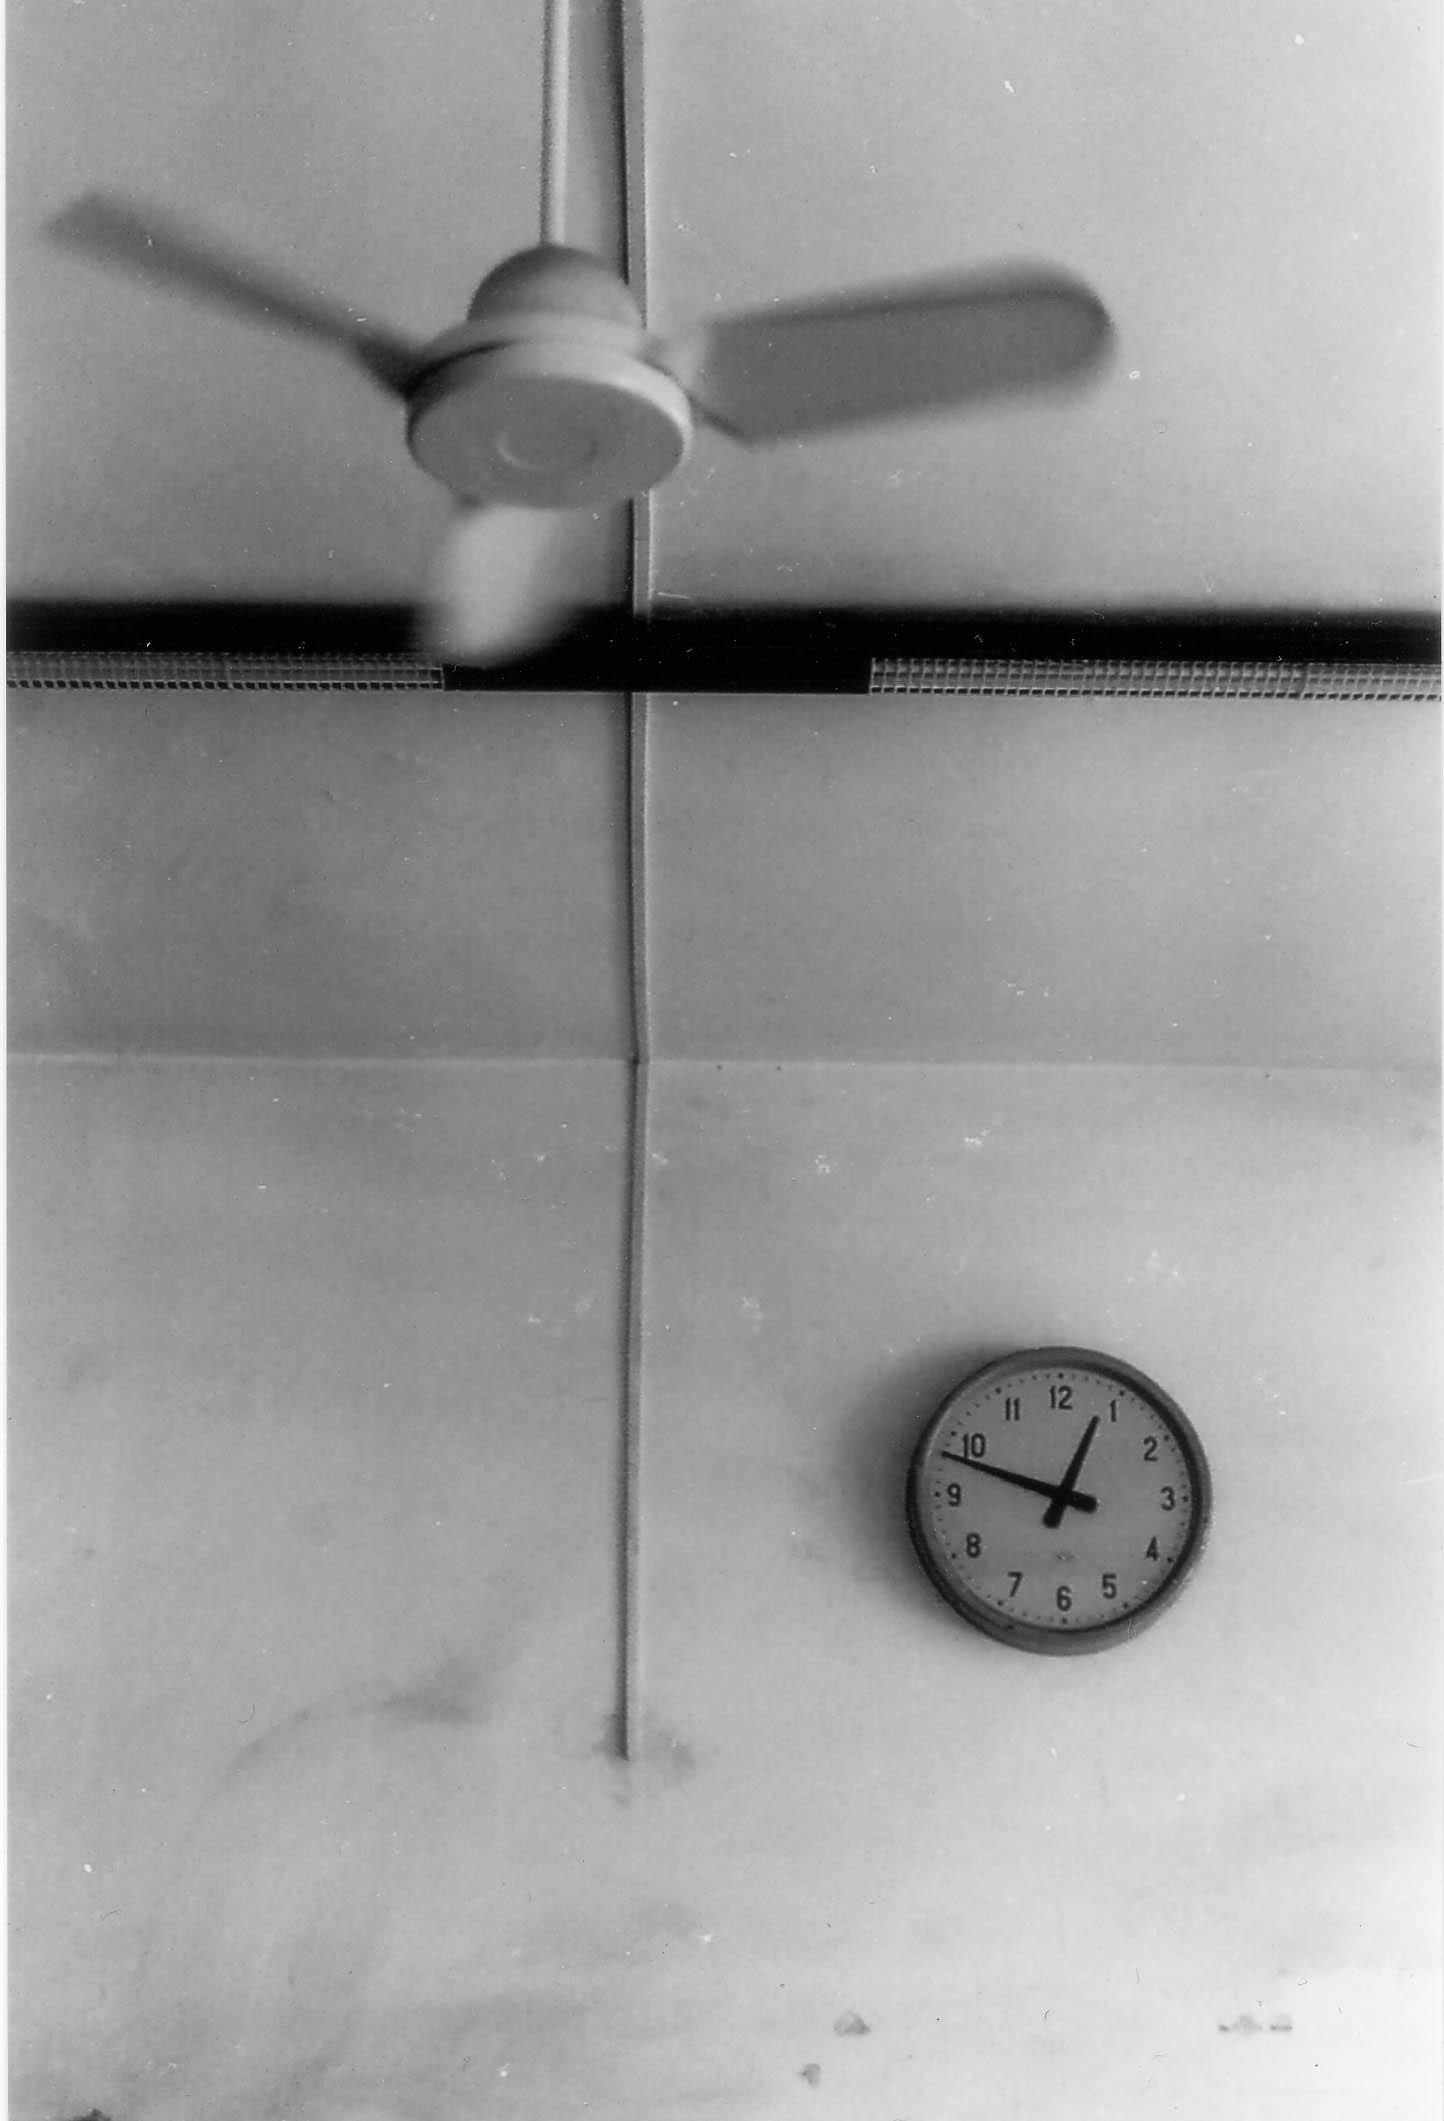 sala d'attesa.jpg - 122kB